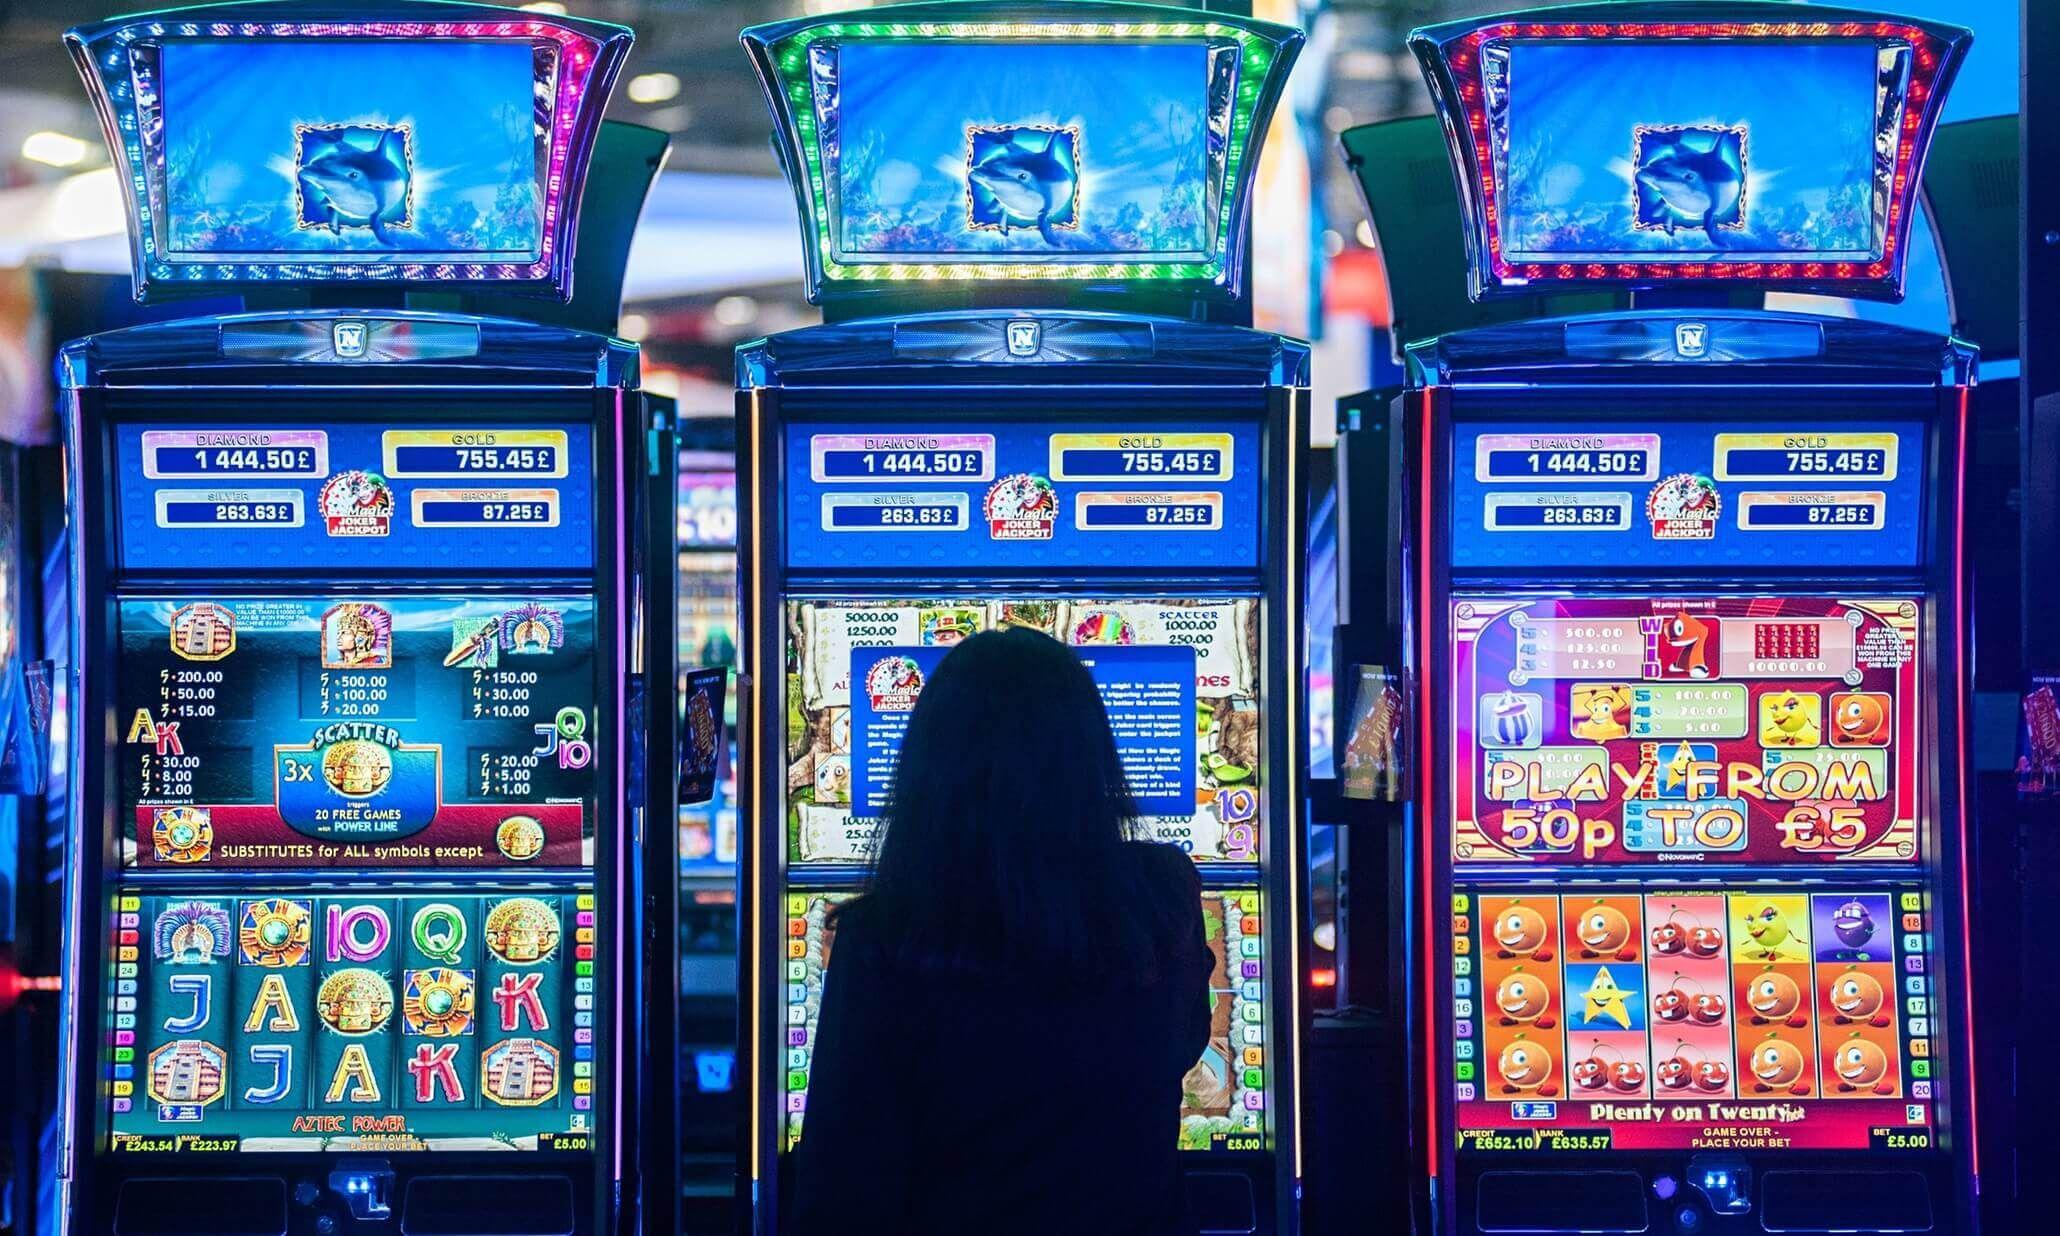 Игровые автоматы онлайн онлайн бесплатно игровые автоматы роджер